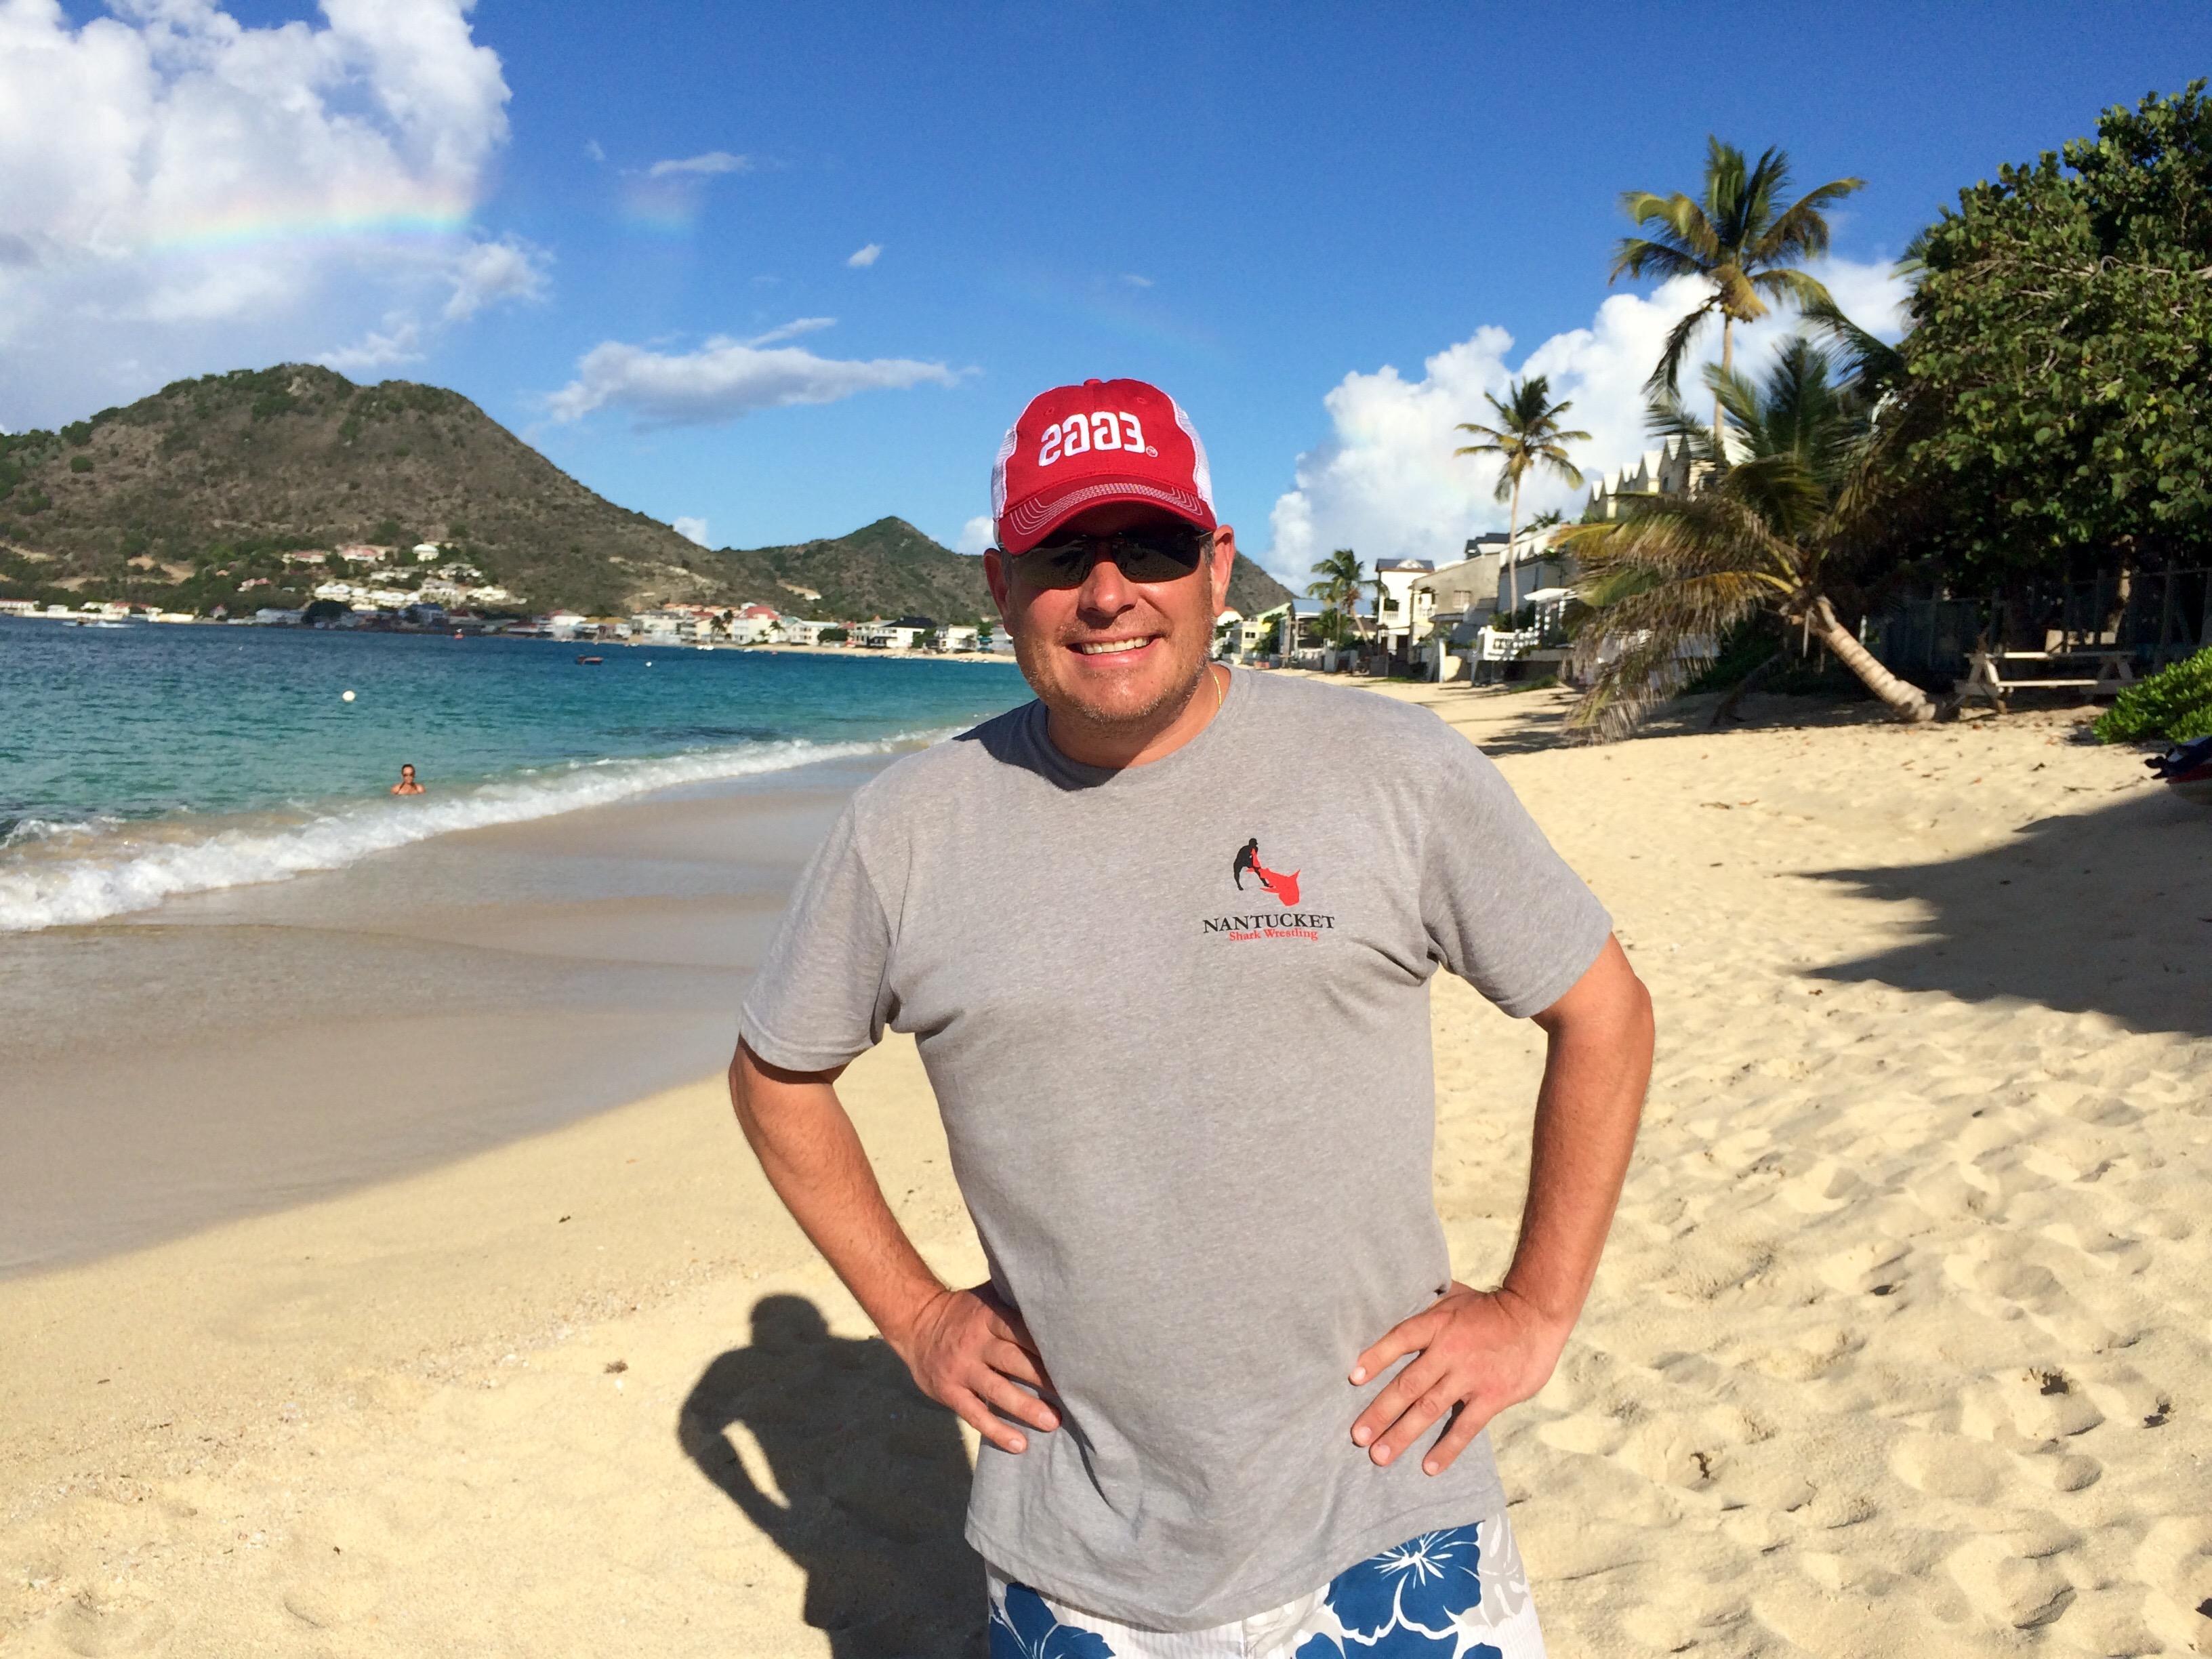 North America - St Maarten